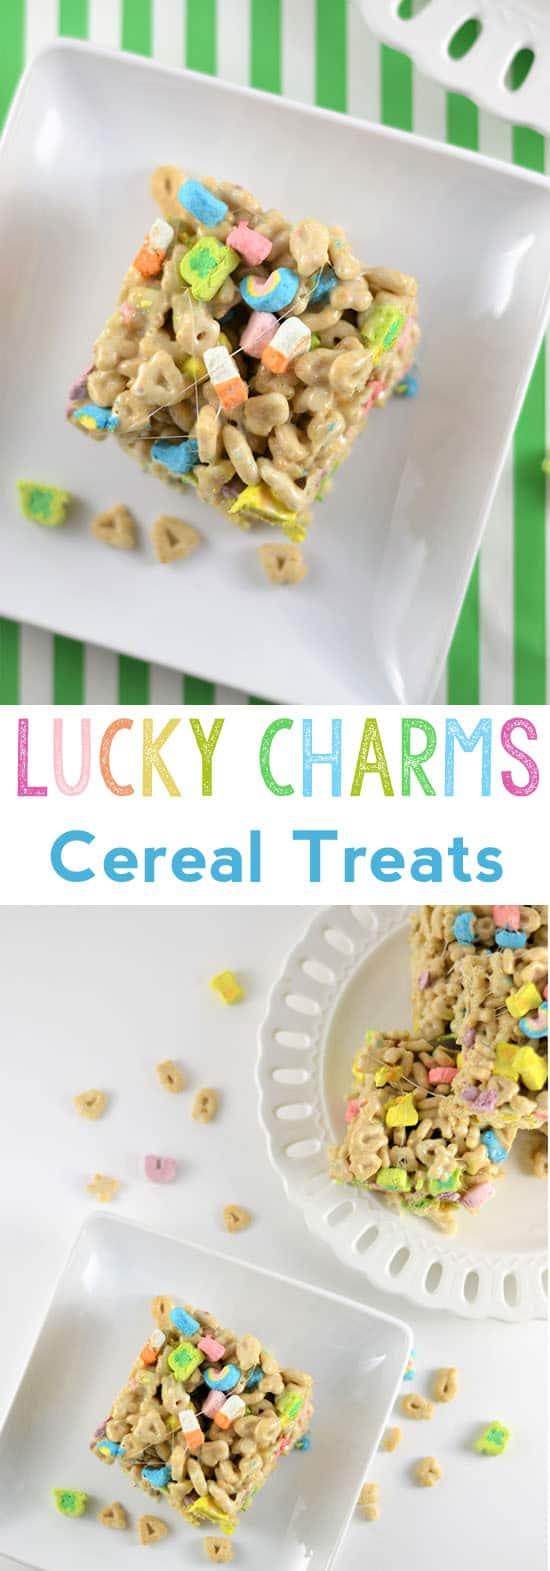 st patricks day treat | lucky charms treats | marshmallow squares | saint patricks day | recipes | dessert recipe | classroom treat | spring recipes